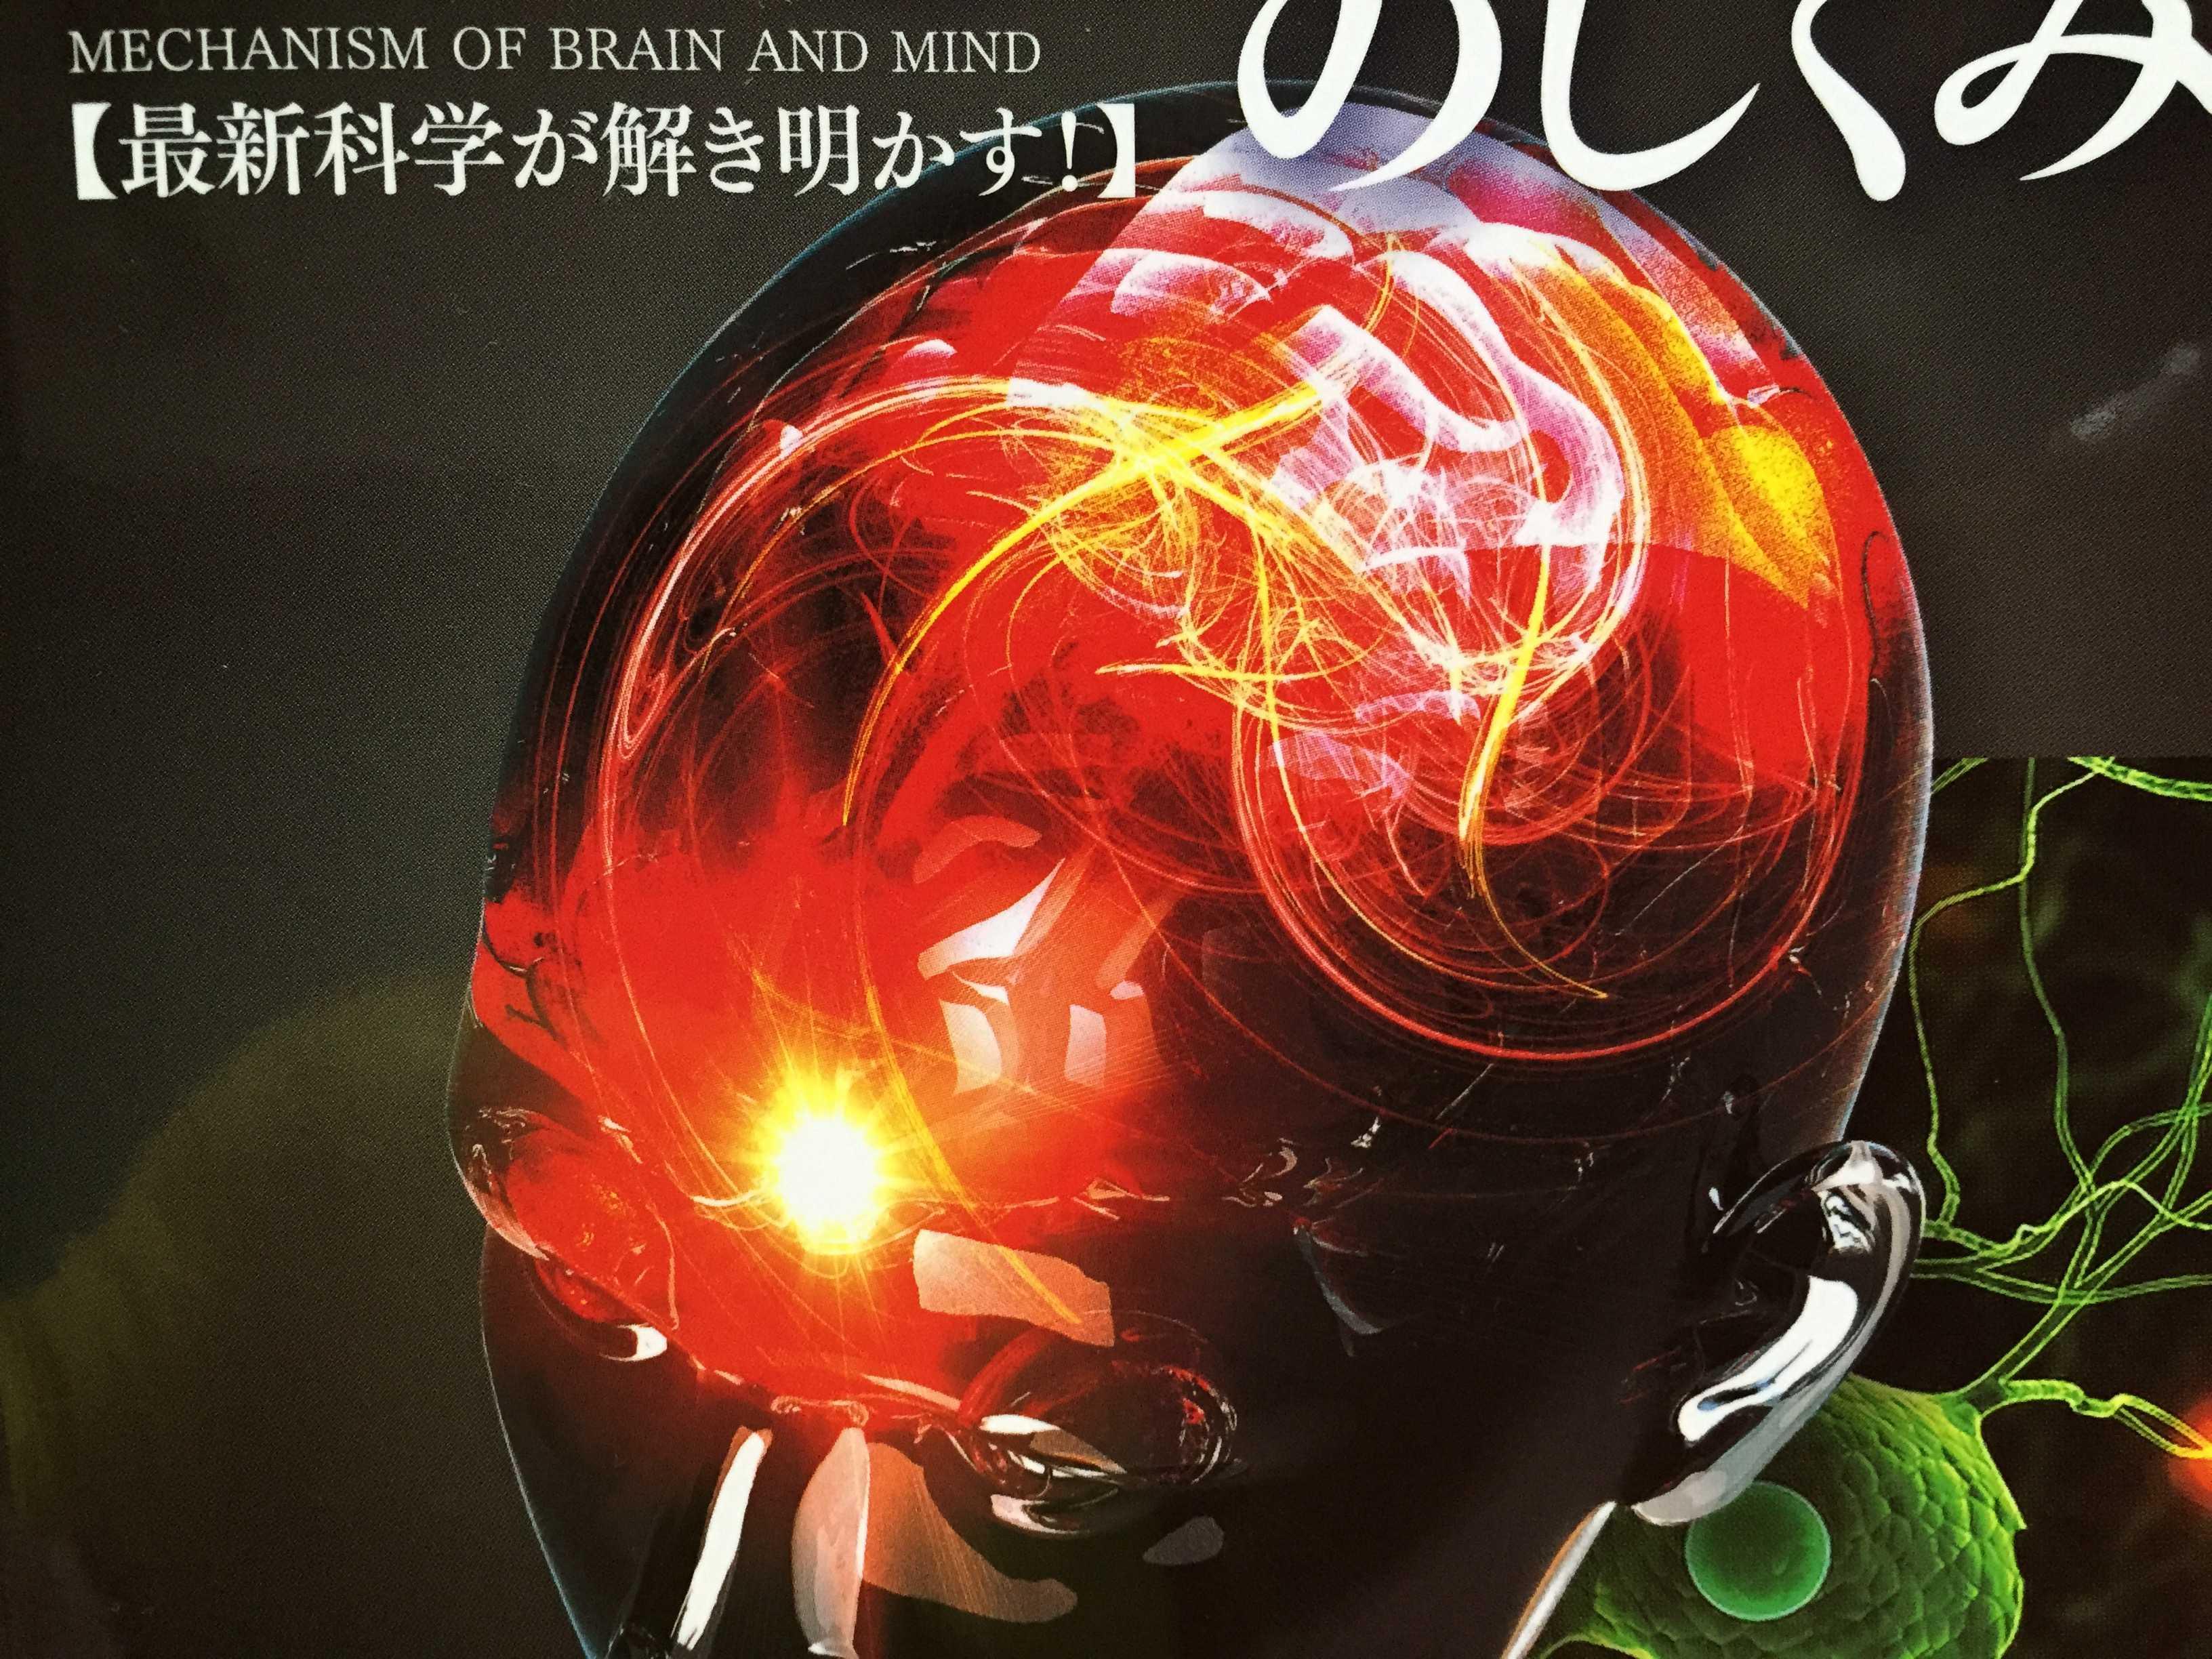 最新科学が解き明かす!脳と心のしくみ